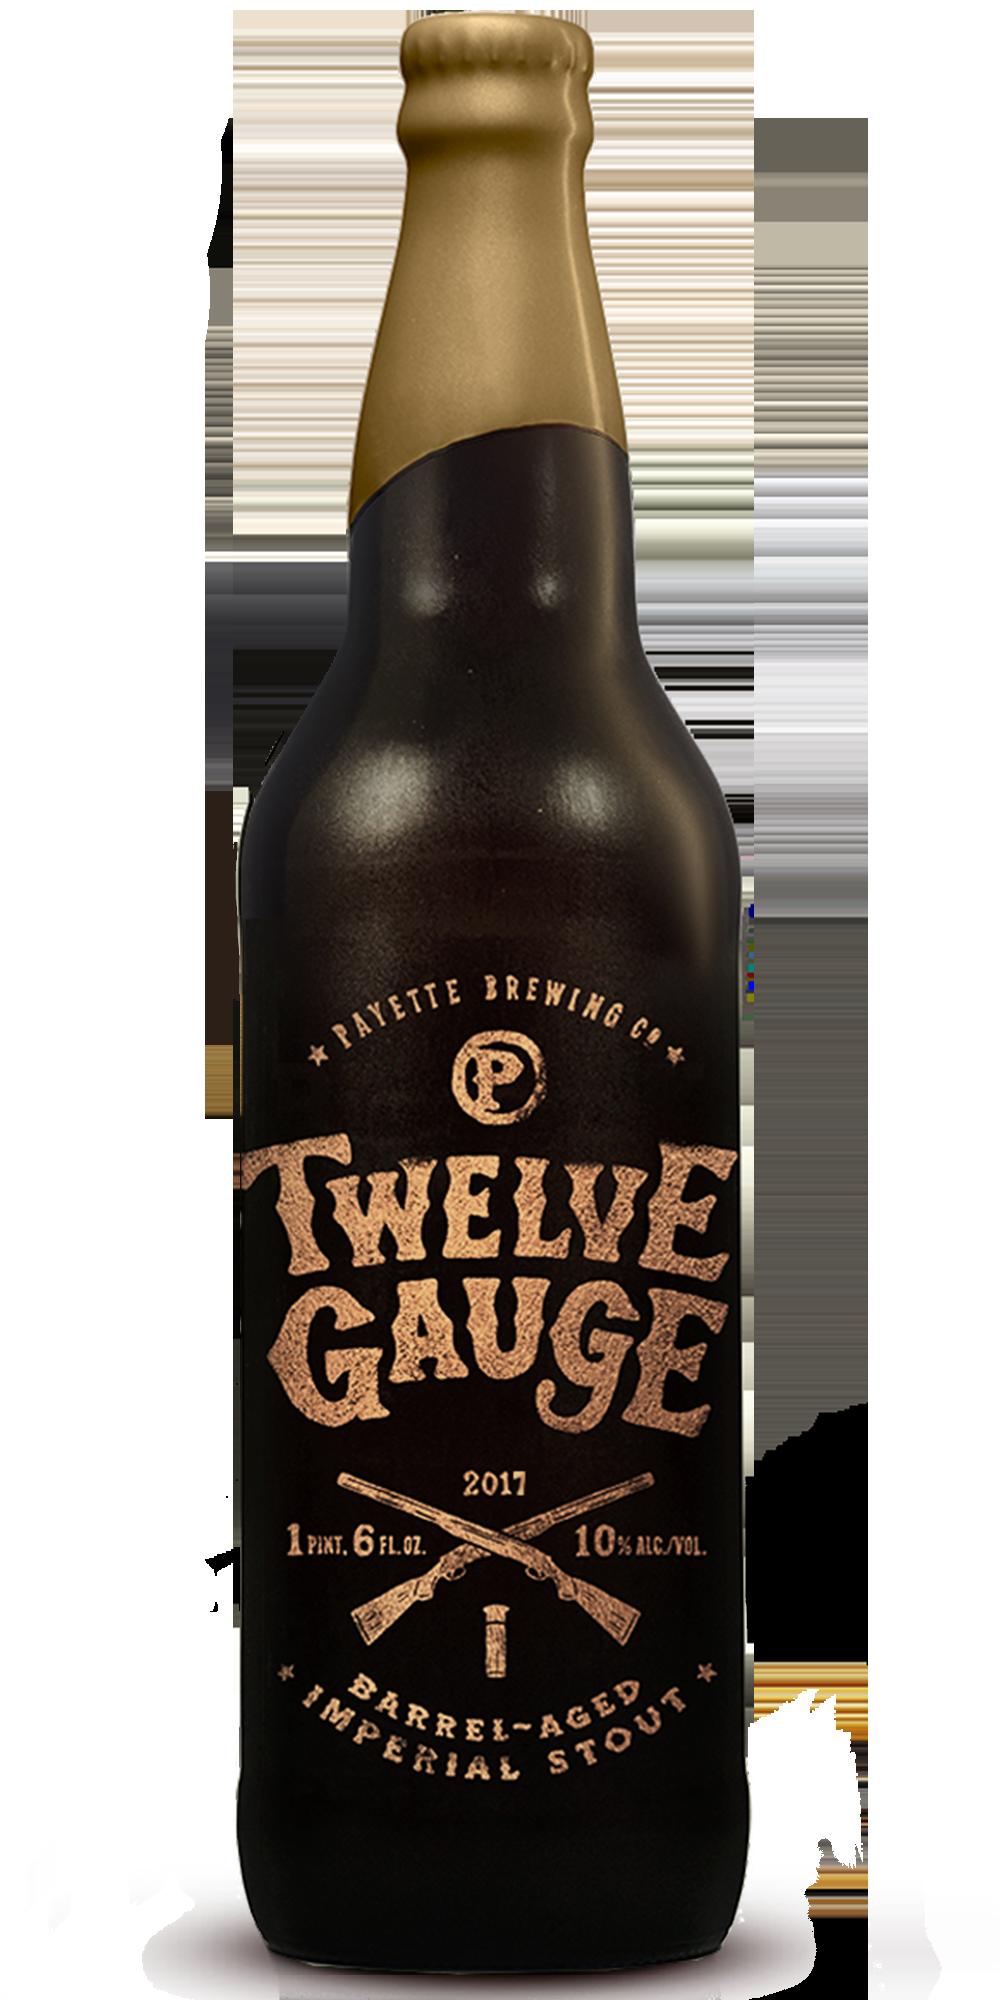 Website Beerpage Twelvegauge Png 1000 2000 Root Beer Craft Beer Beer